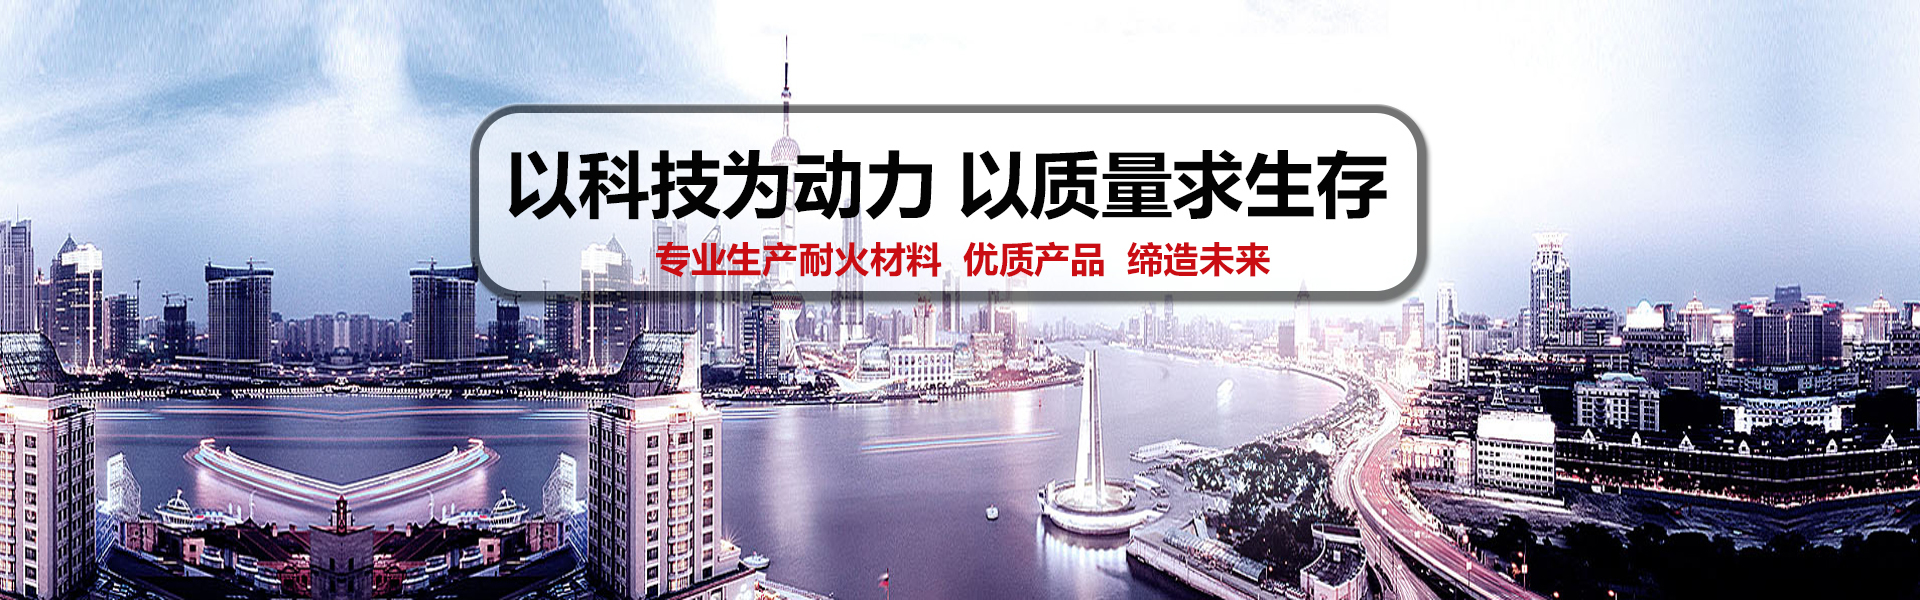 耐火材料_洛阳九霄菱镁